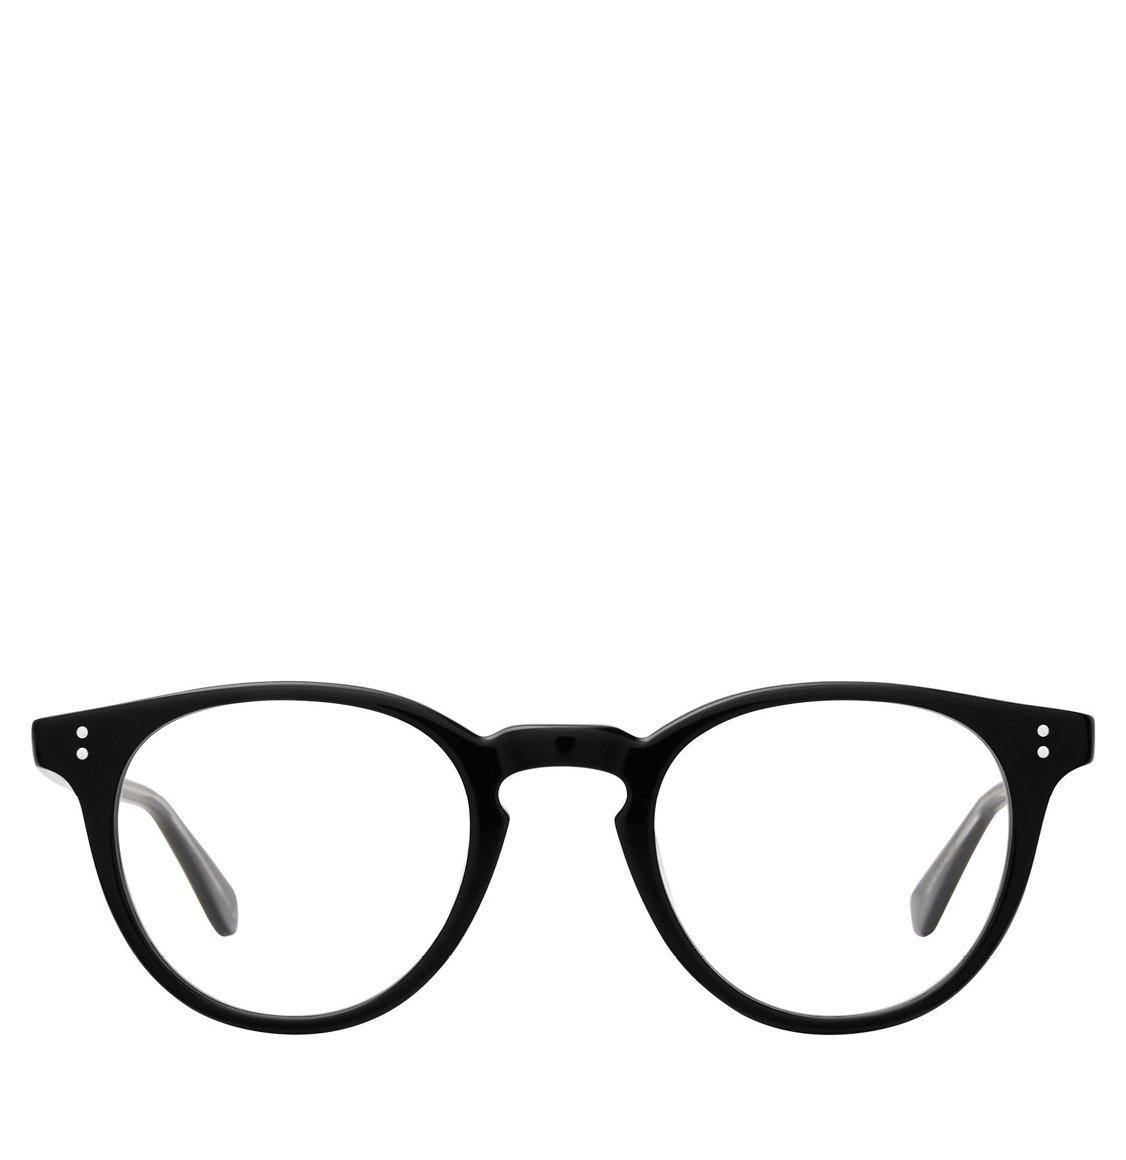 Garrett Leight Round Black Acetate Γυαλιά Οράσεως